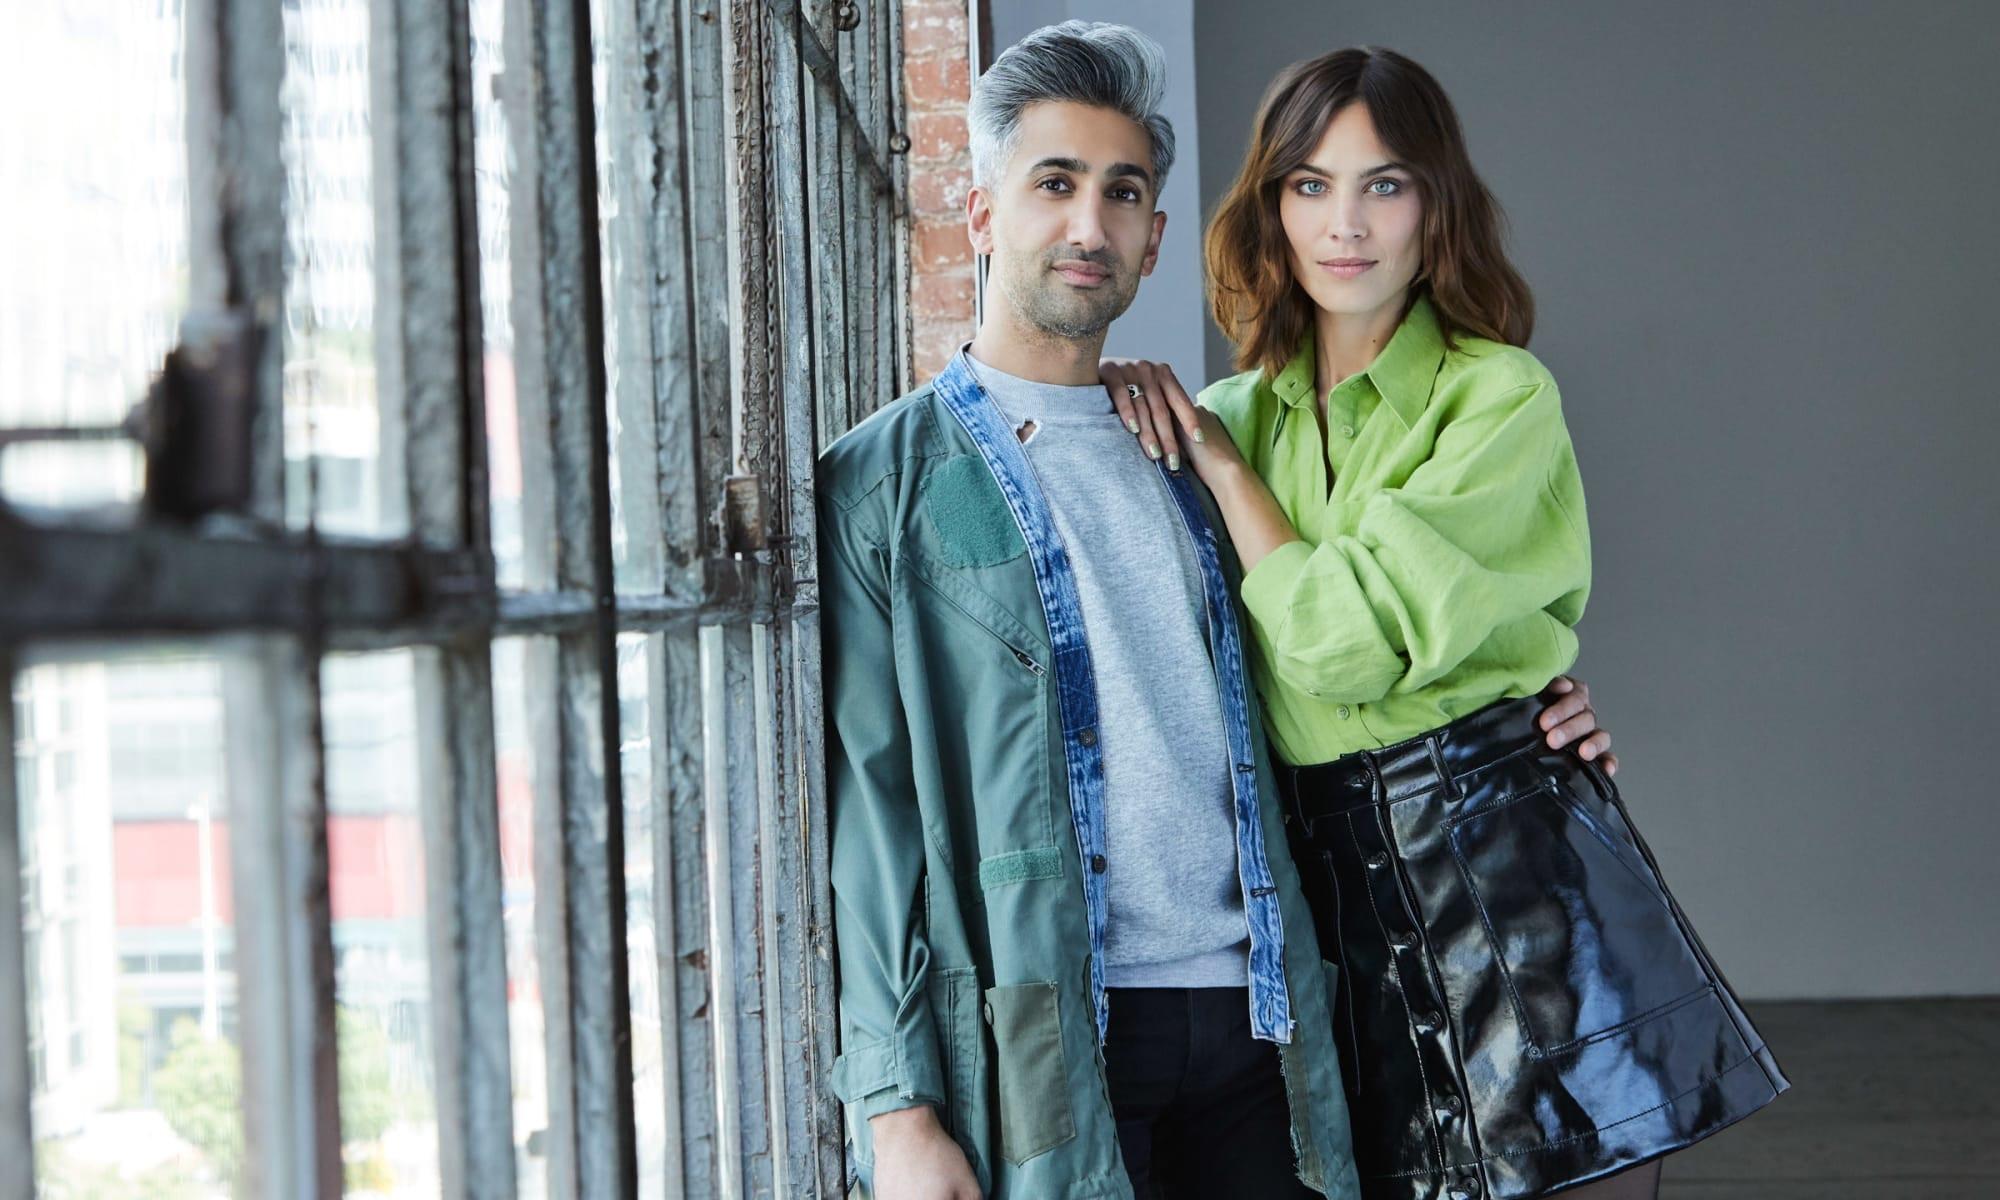 时尚设计竞技节目《Next In Fashion》即将登陆 Netflix